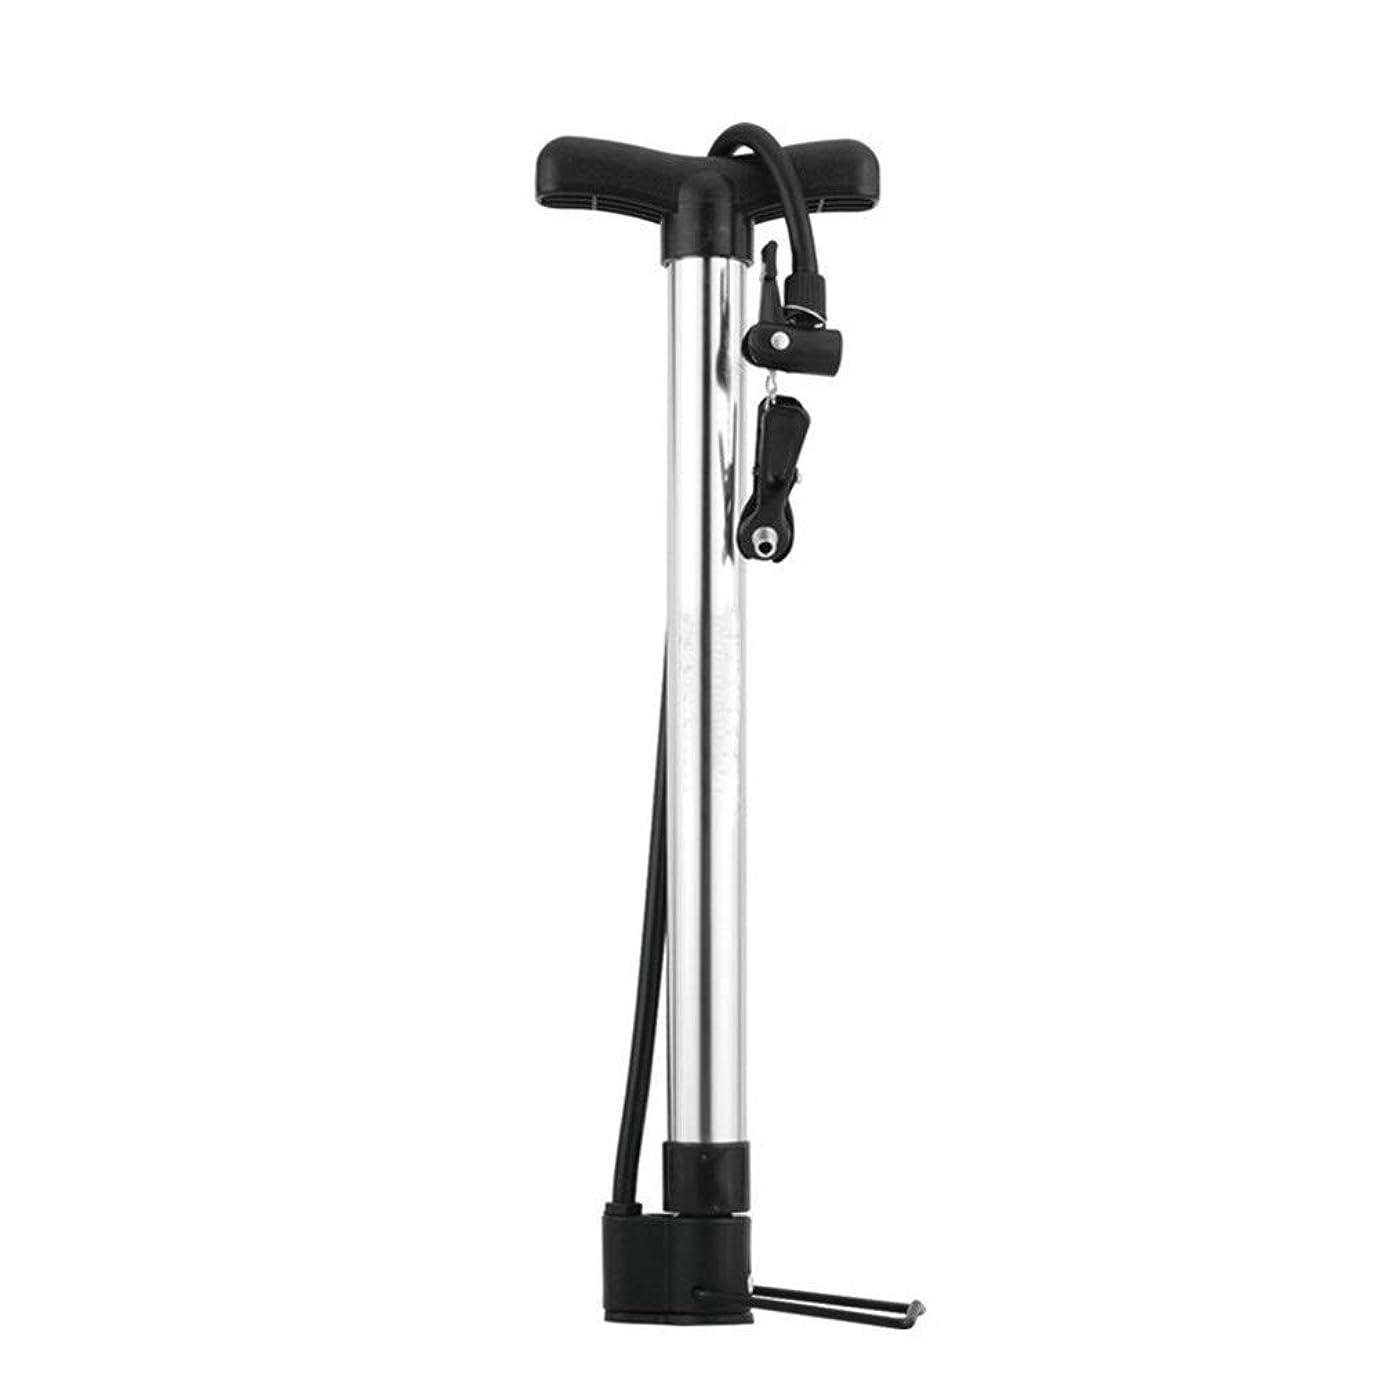 なめる白い意識自転車用ポンプ ガスシリンダーカーボールアルミ合金口口マウンテンバイクポンプ 耐久性高 多機能